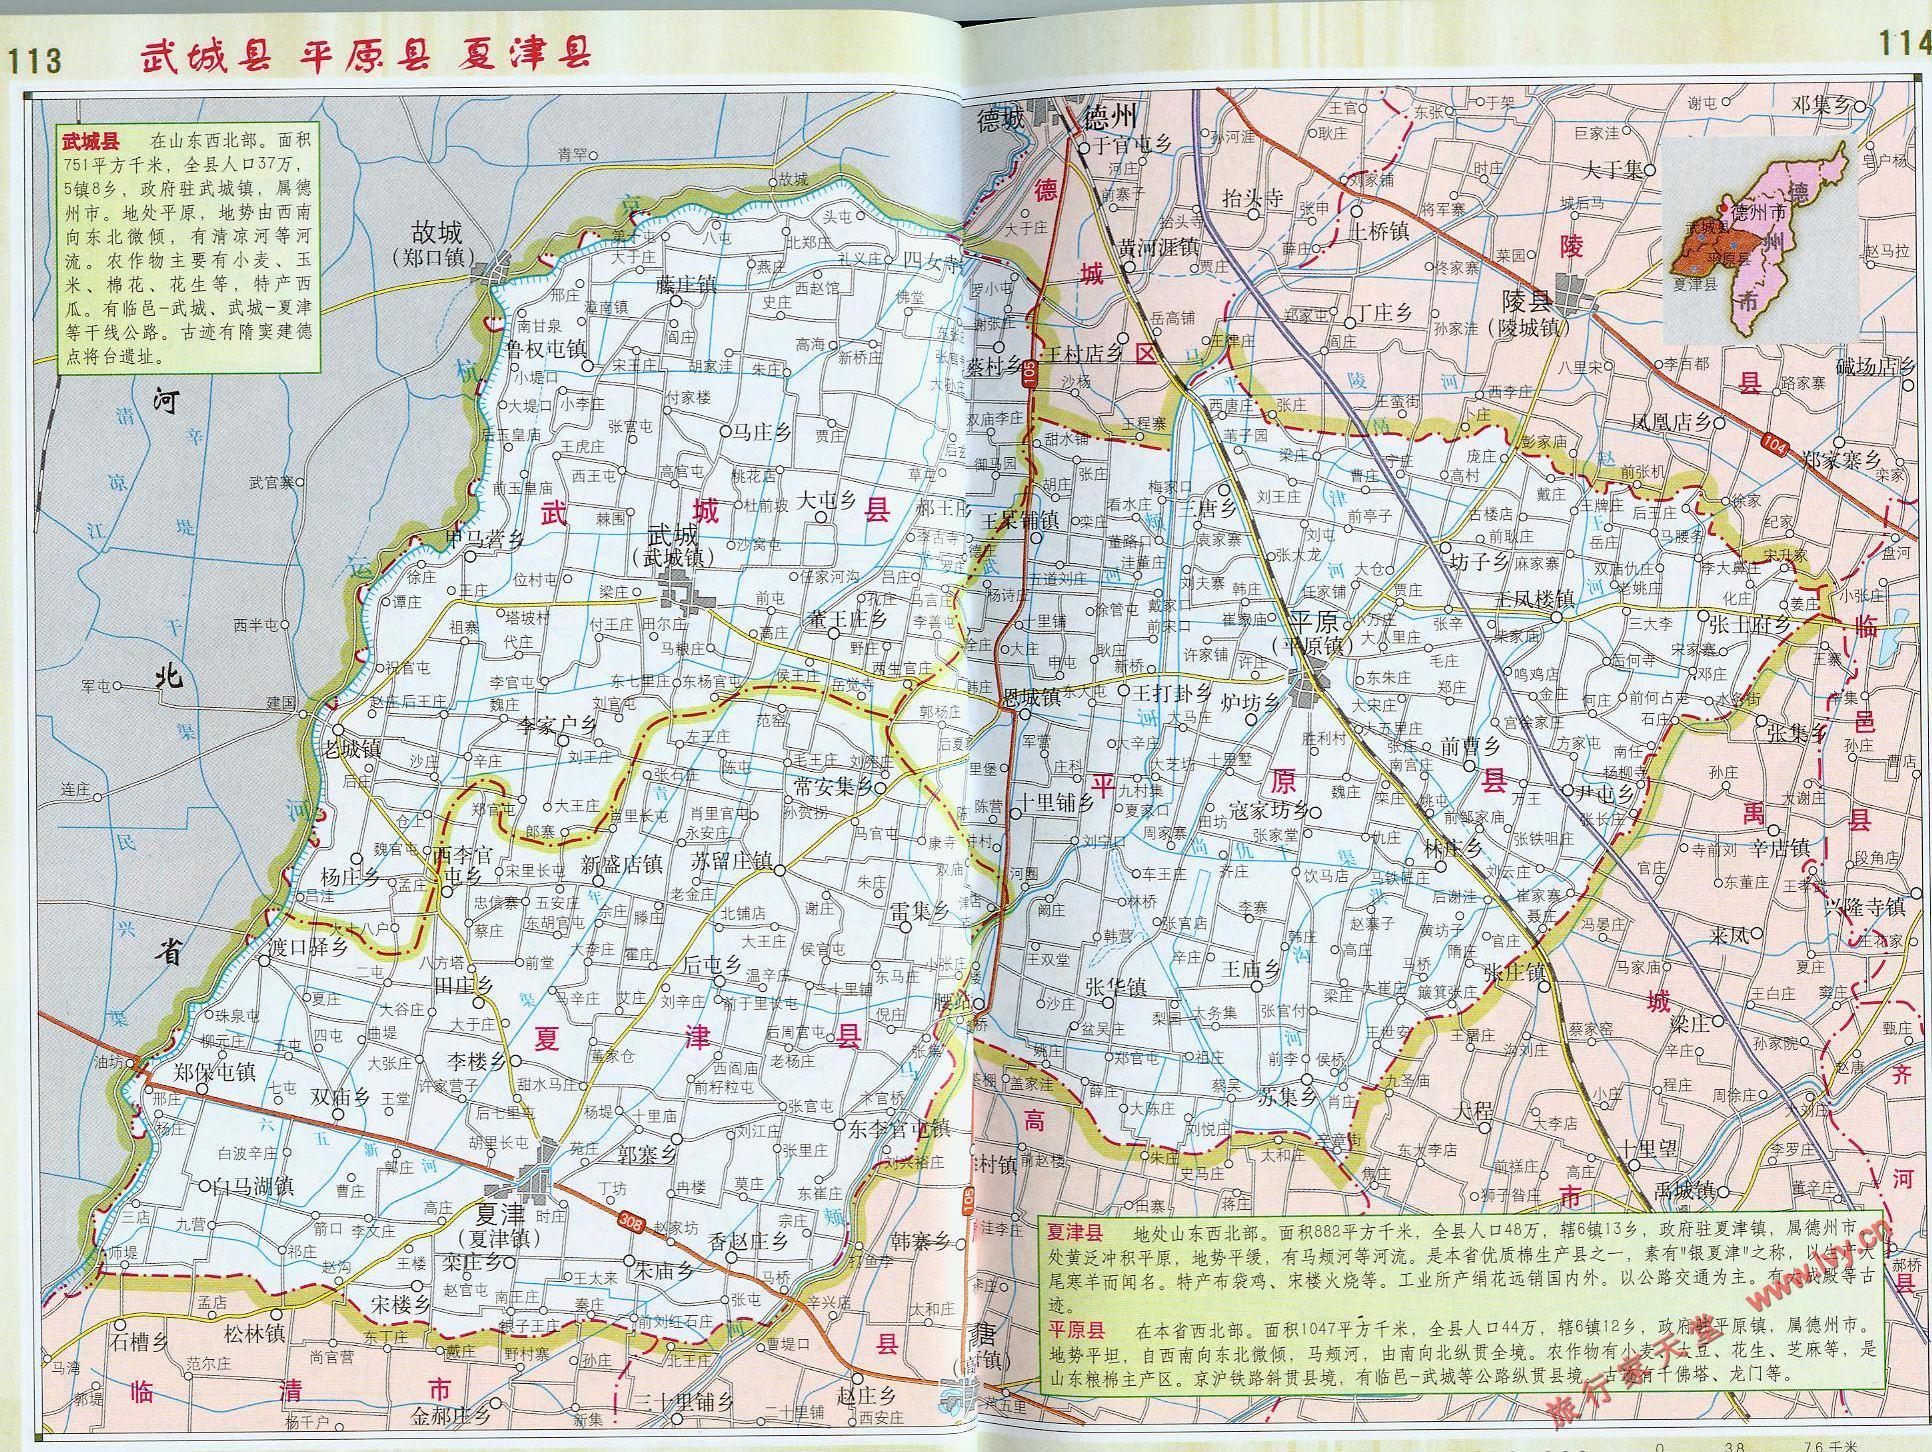 京福高速公路地图_平原(山东省德州市平原县) - 搜狗百科